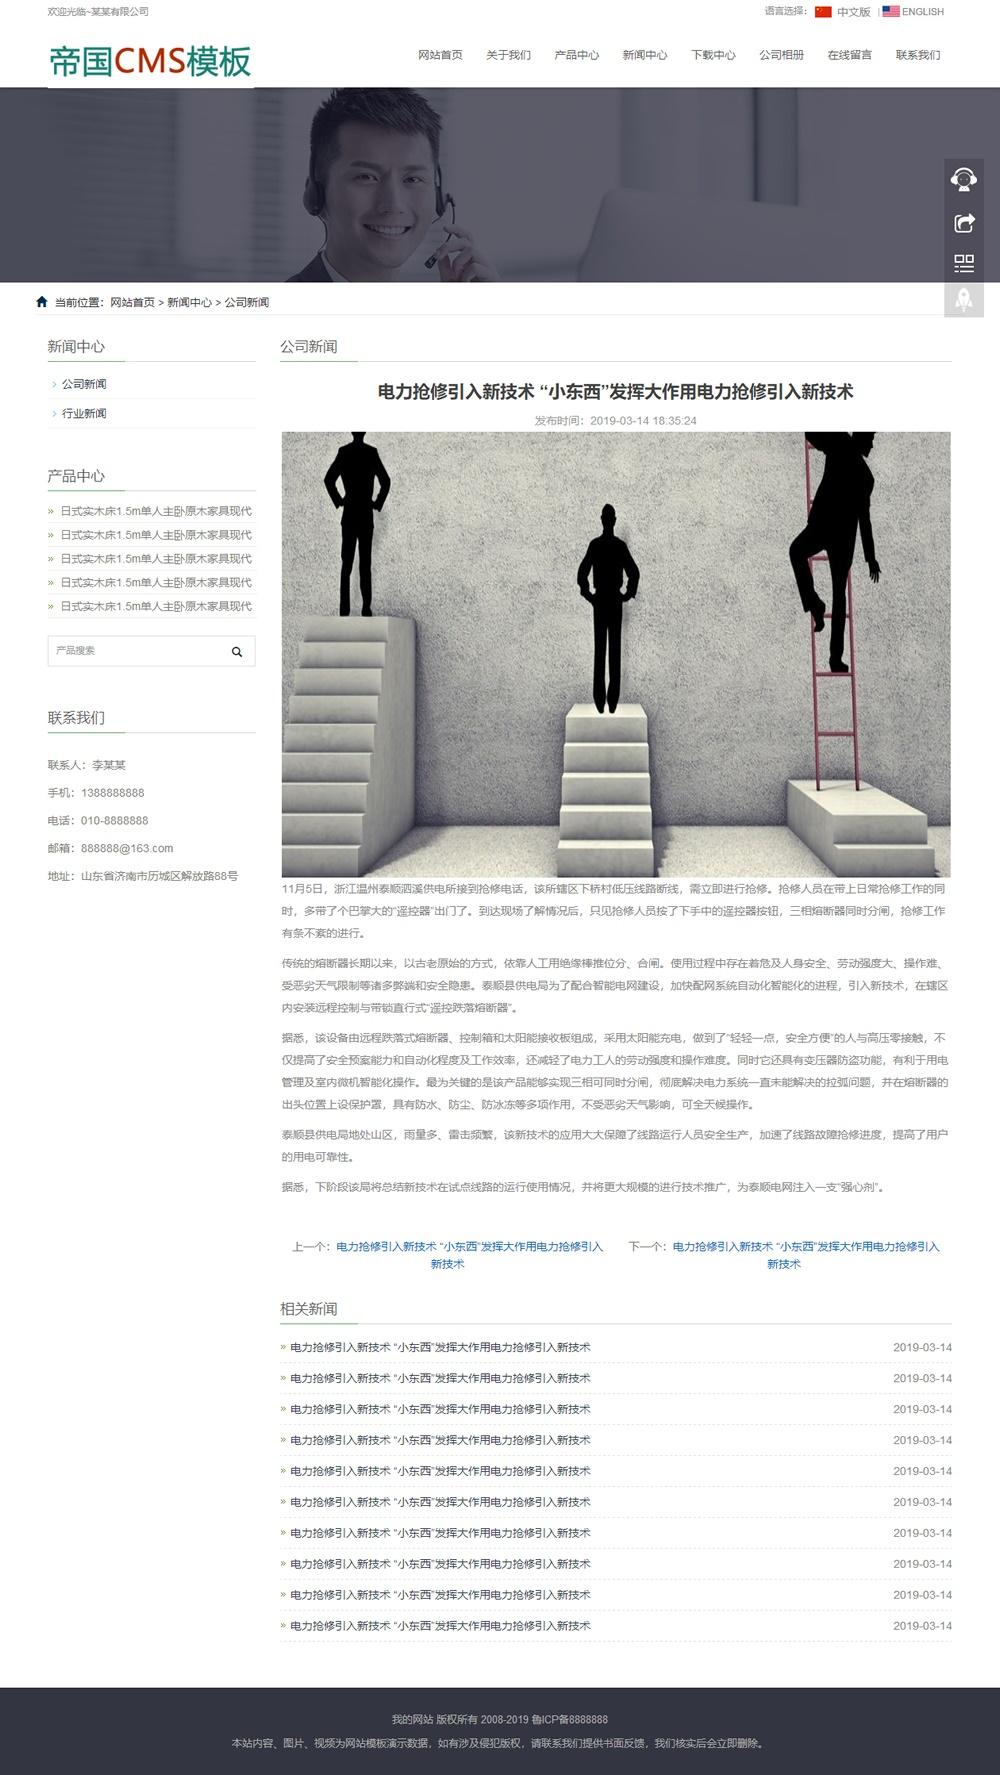 帝国cms自适应响应式中英文双语公司企业通用网站模板_新闻内容页